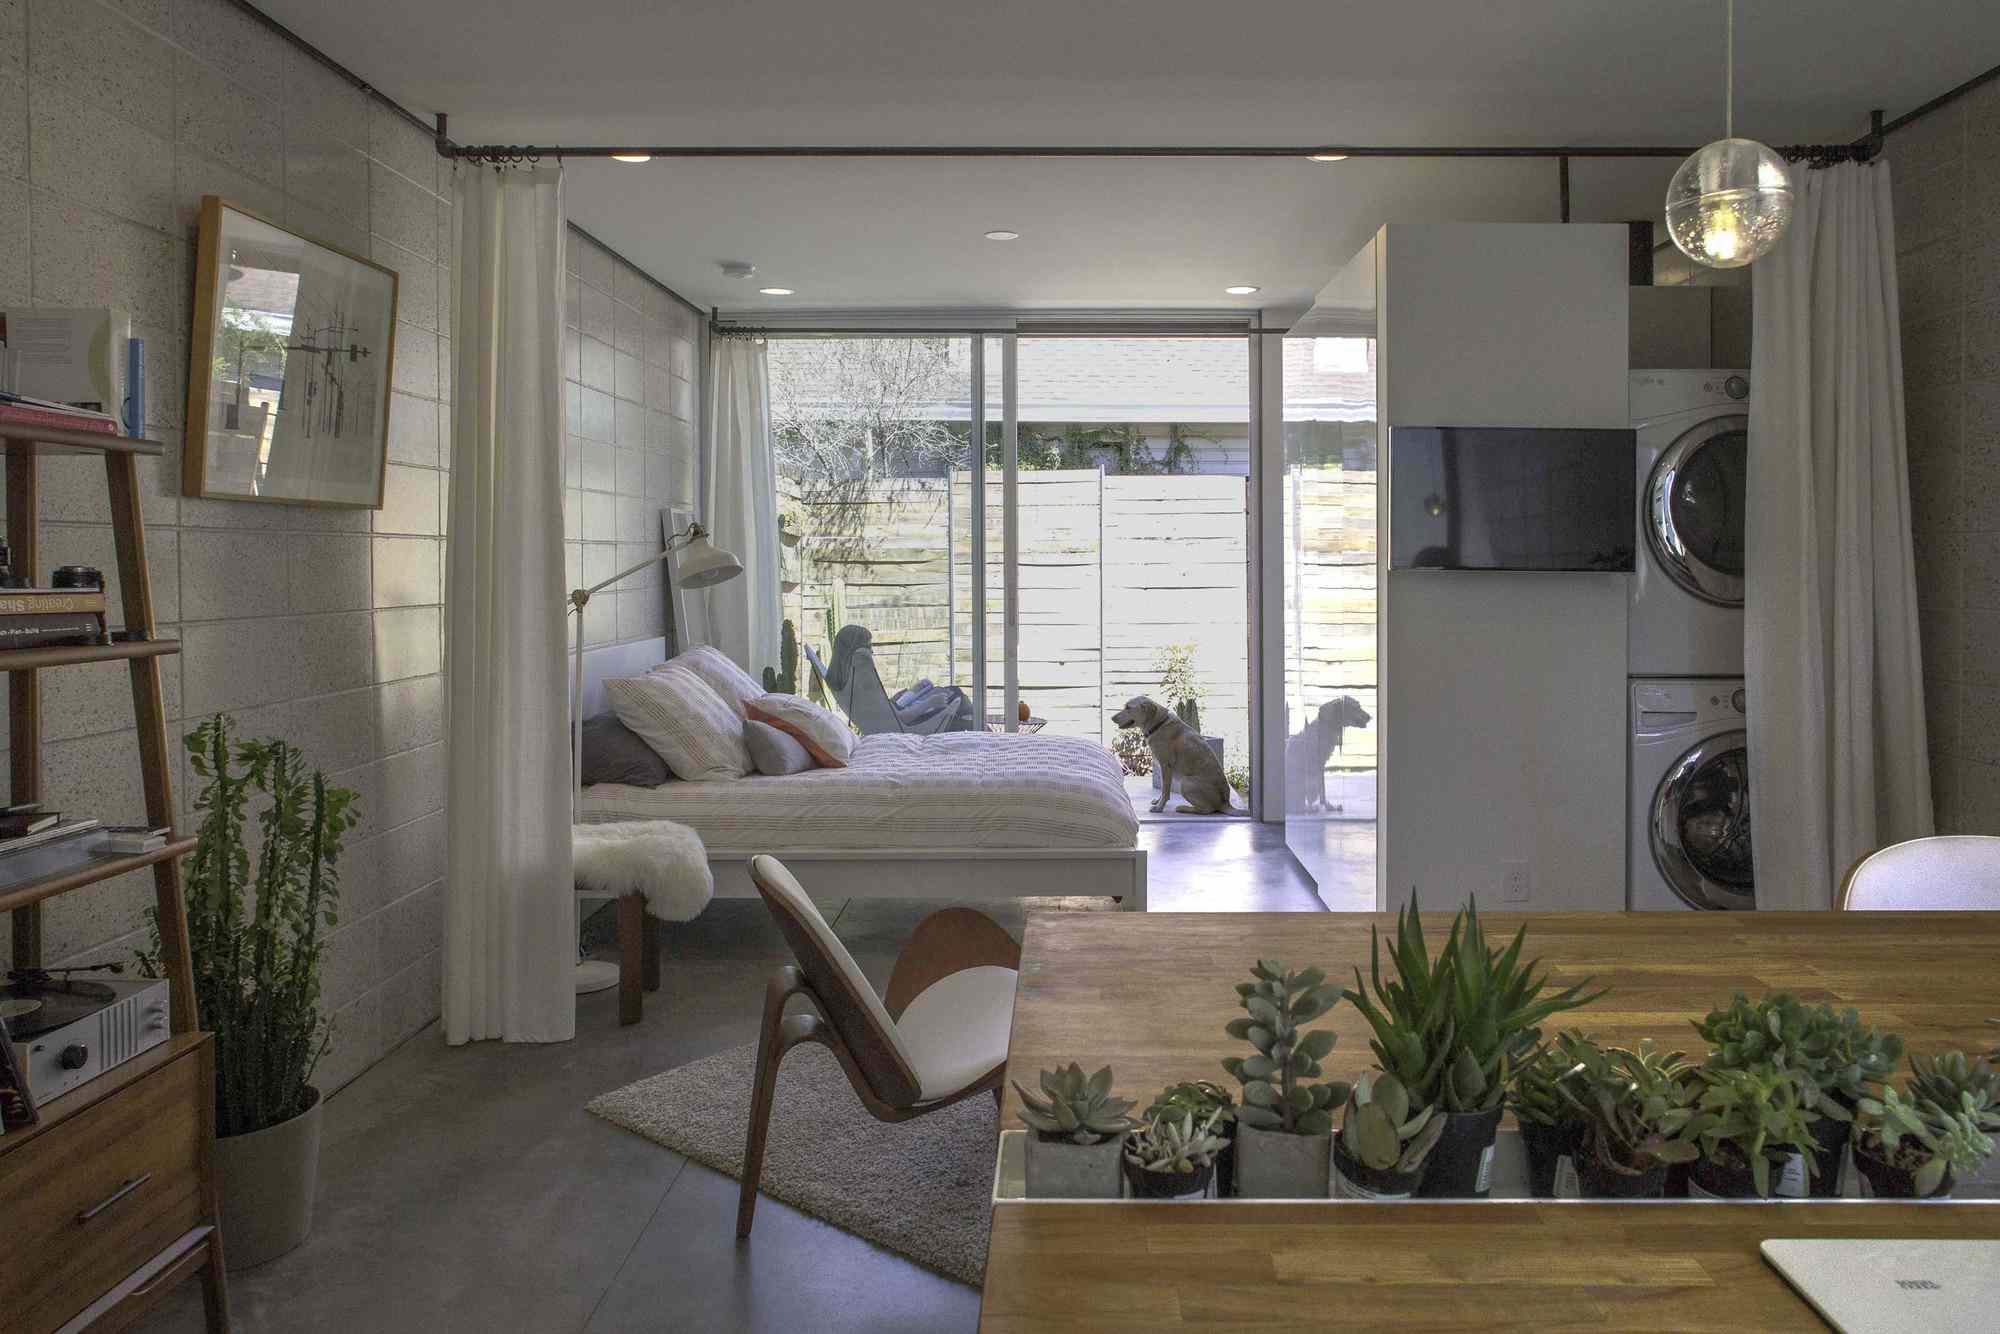 a bedroom in a studio apartment